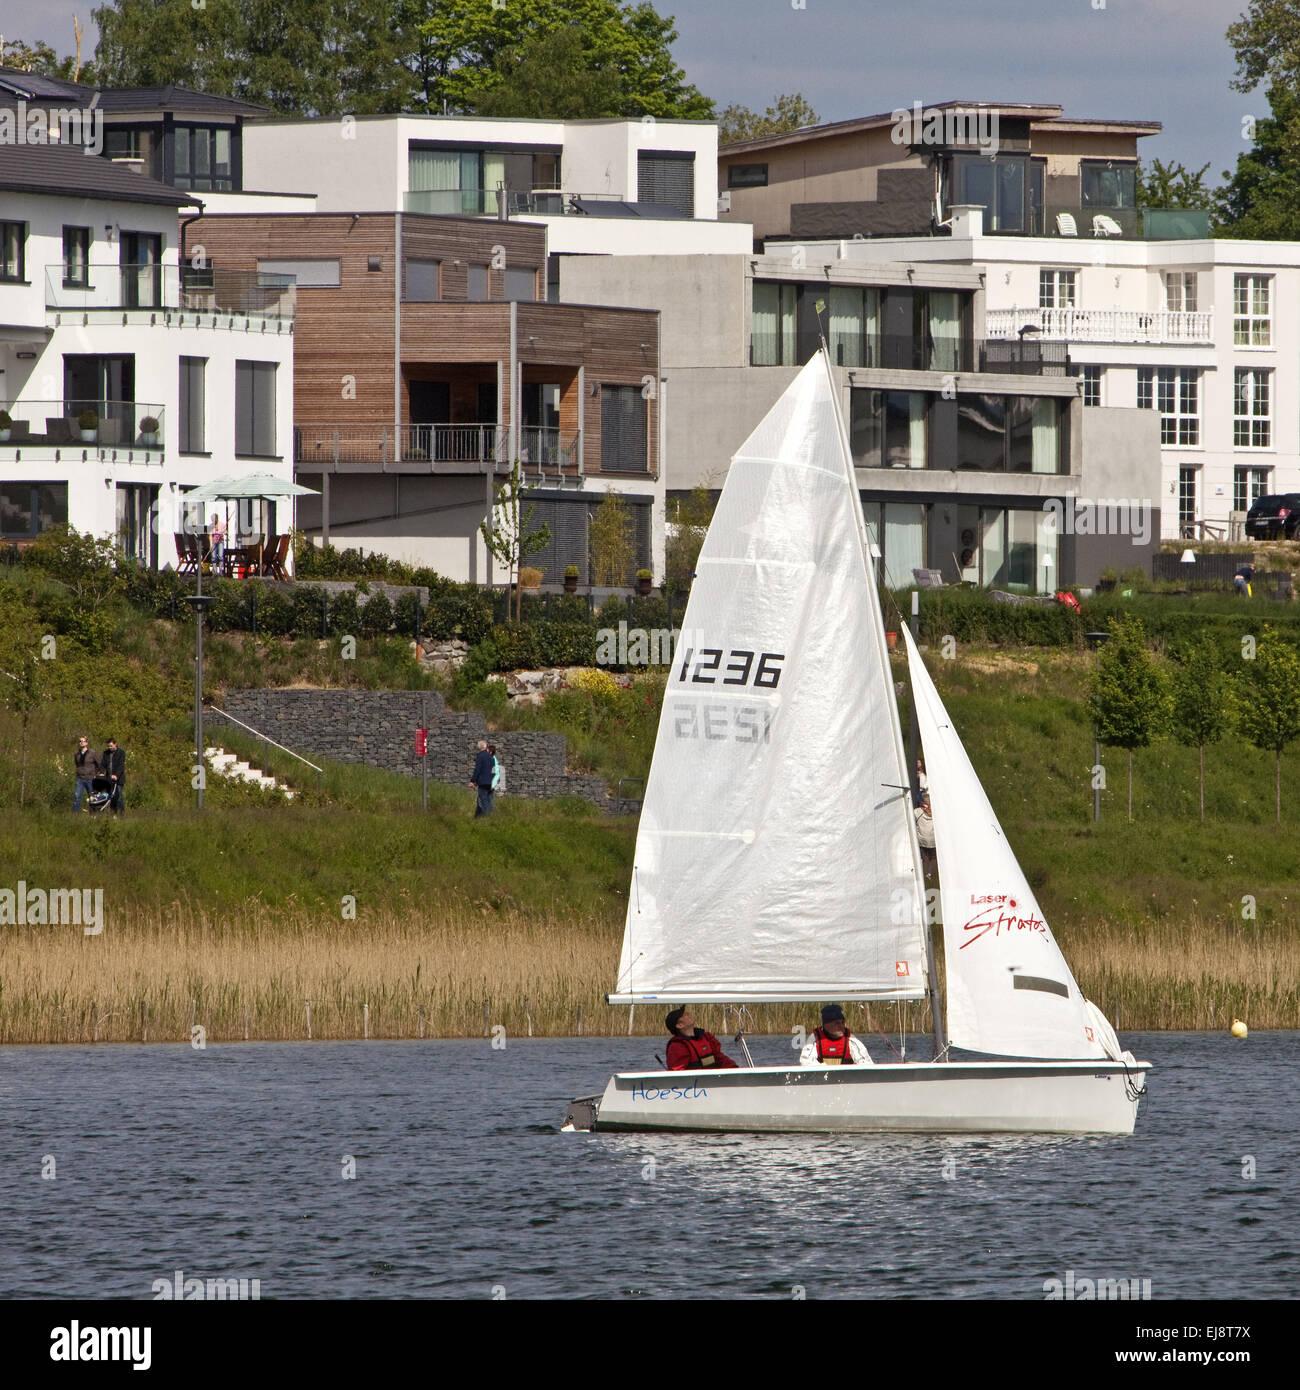 Sailboat, Phoenix Lake, Dortmund, Germany - Stock Image